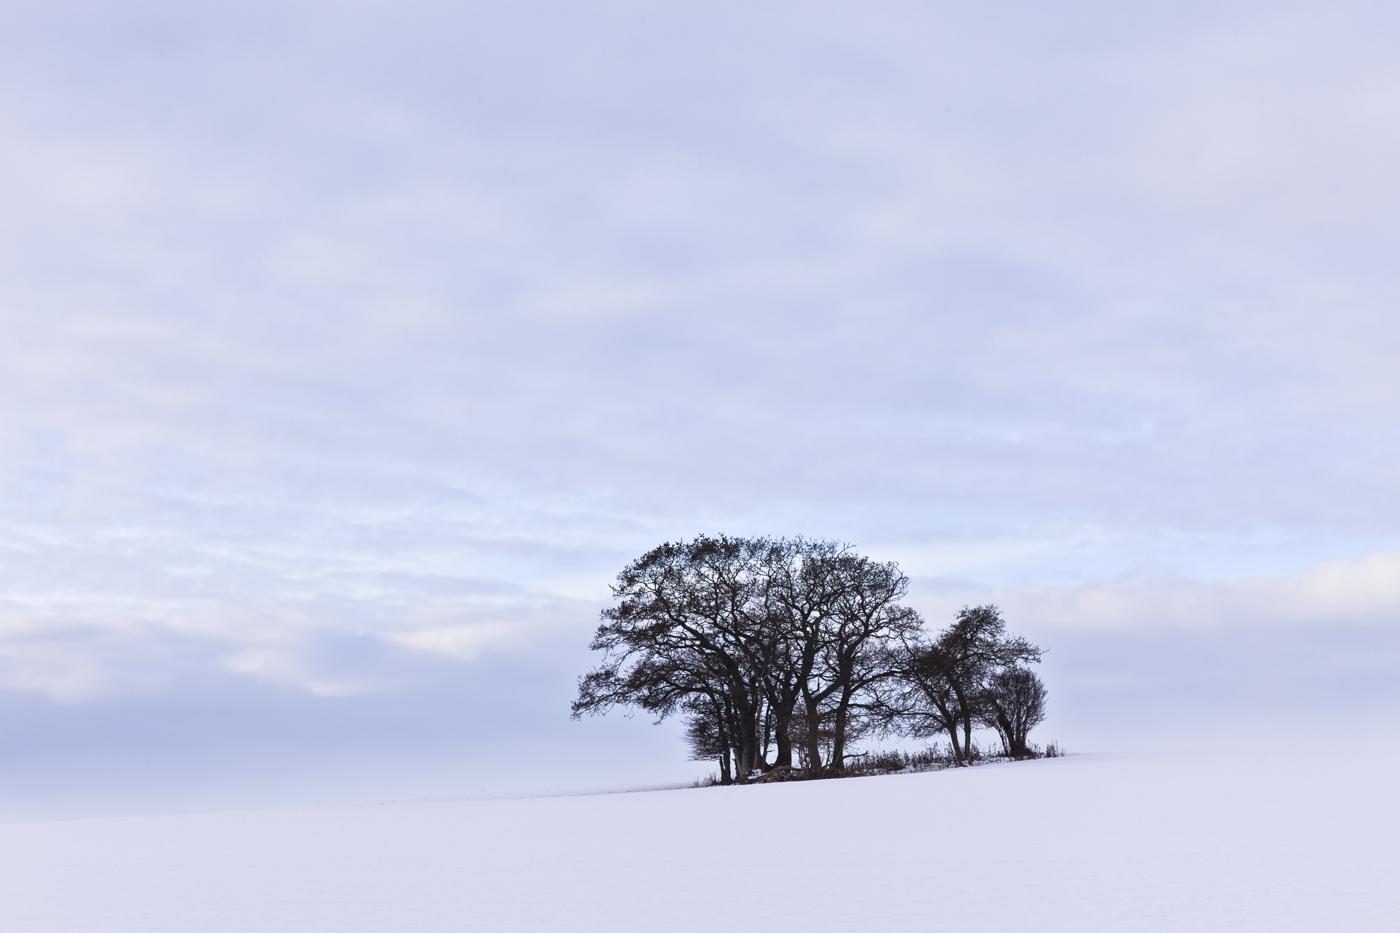 Near Tarrant Monkton, Dorset. Canon 5DII, Canon 24-105mm f/4L at 105mm, ISO 100, 1/20 sec at f/11, Tripod, polariser, © Mark Bauer